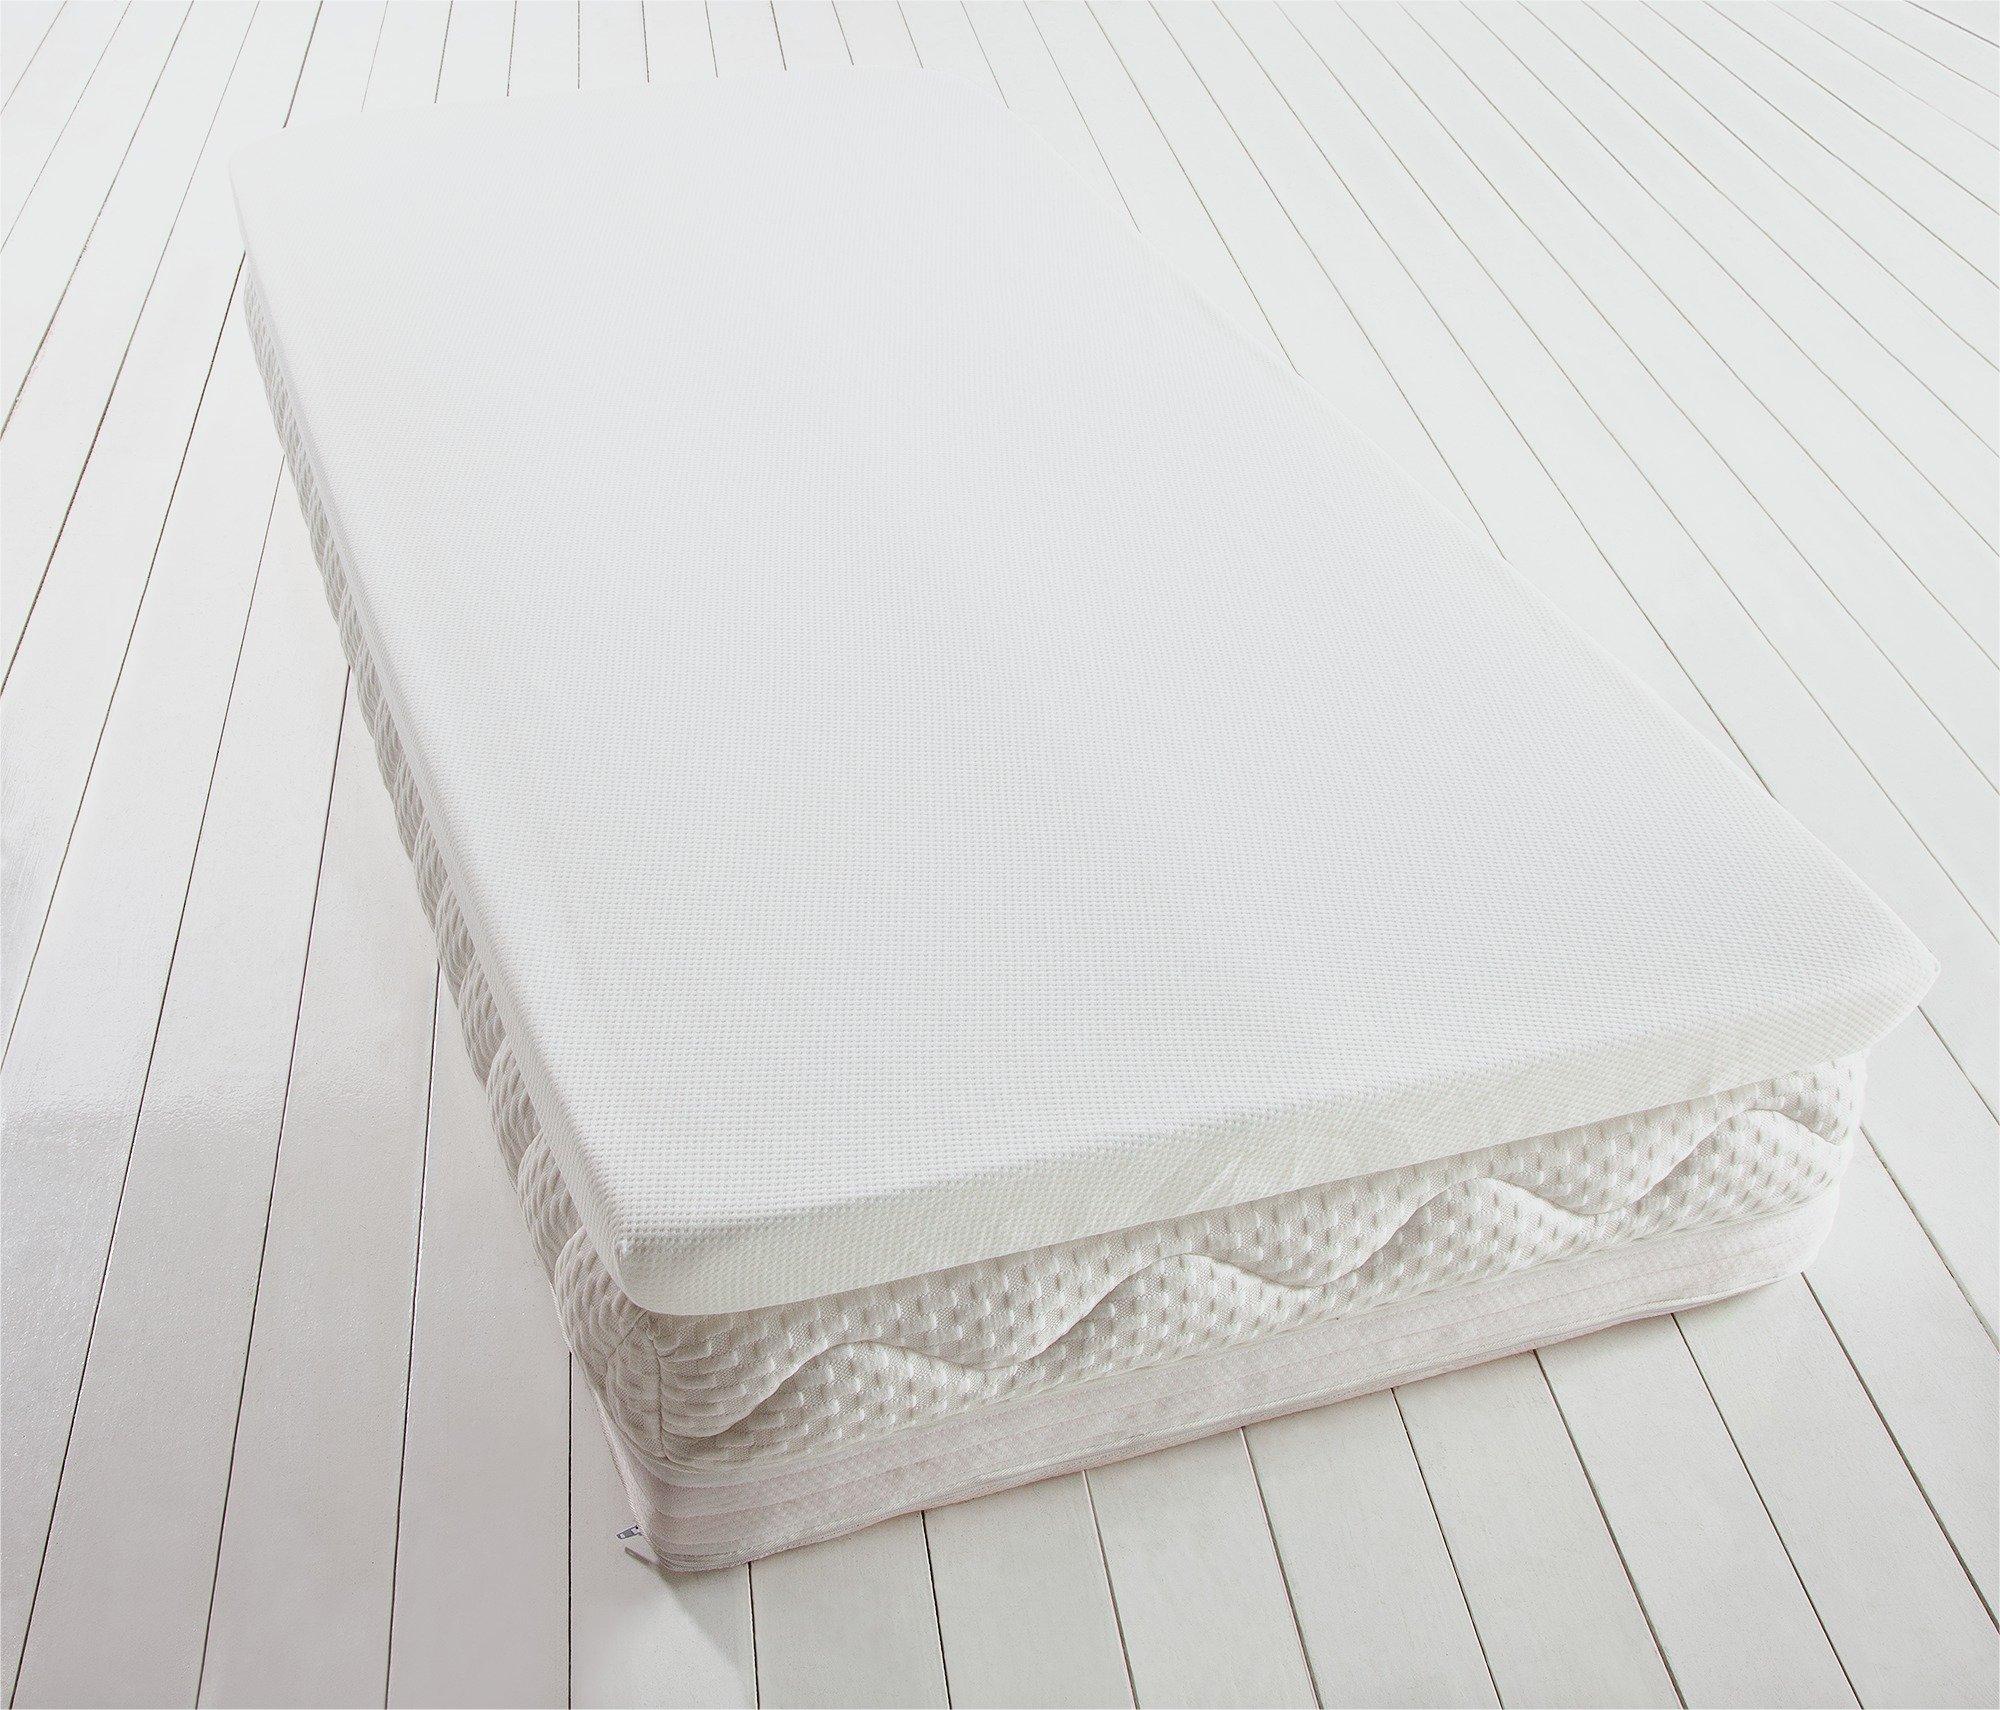 Argos Home Luxury Memory Foam Mattress Topper - Single